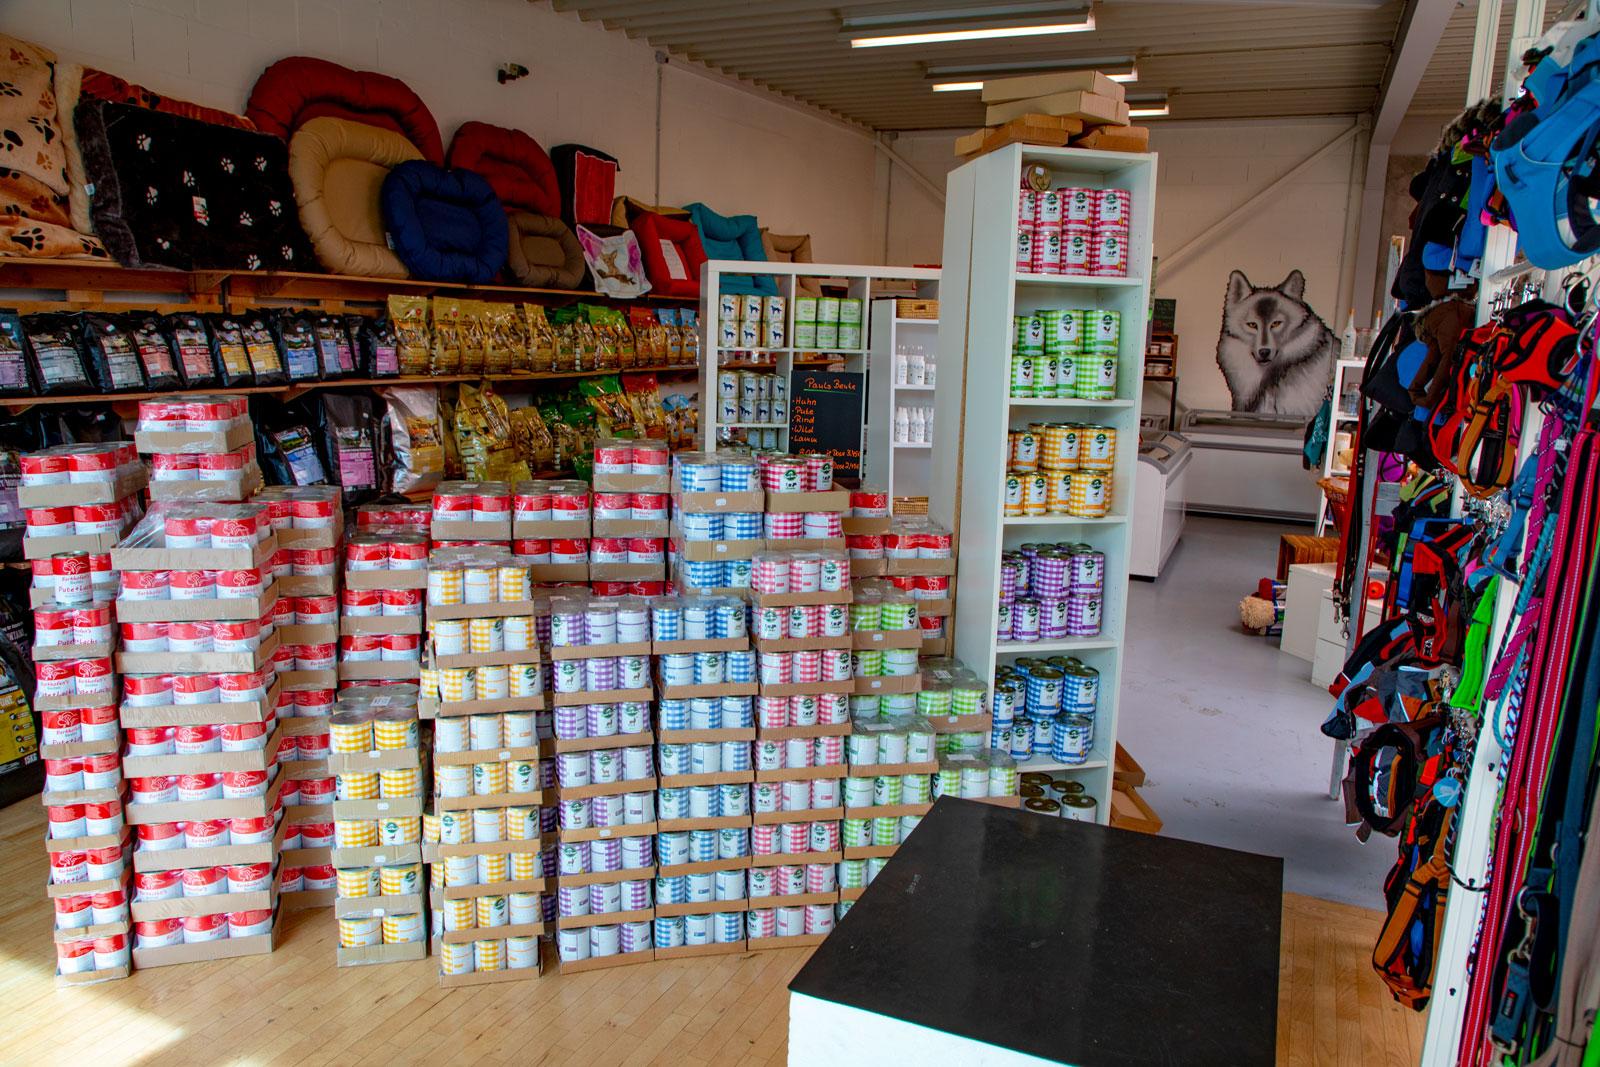 Napf Express • Hundefutter online kaufen • Katzenfutter • Napf Express Lippstadt • Paderborn • Gütersloh • Dosenfutter